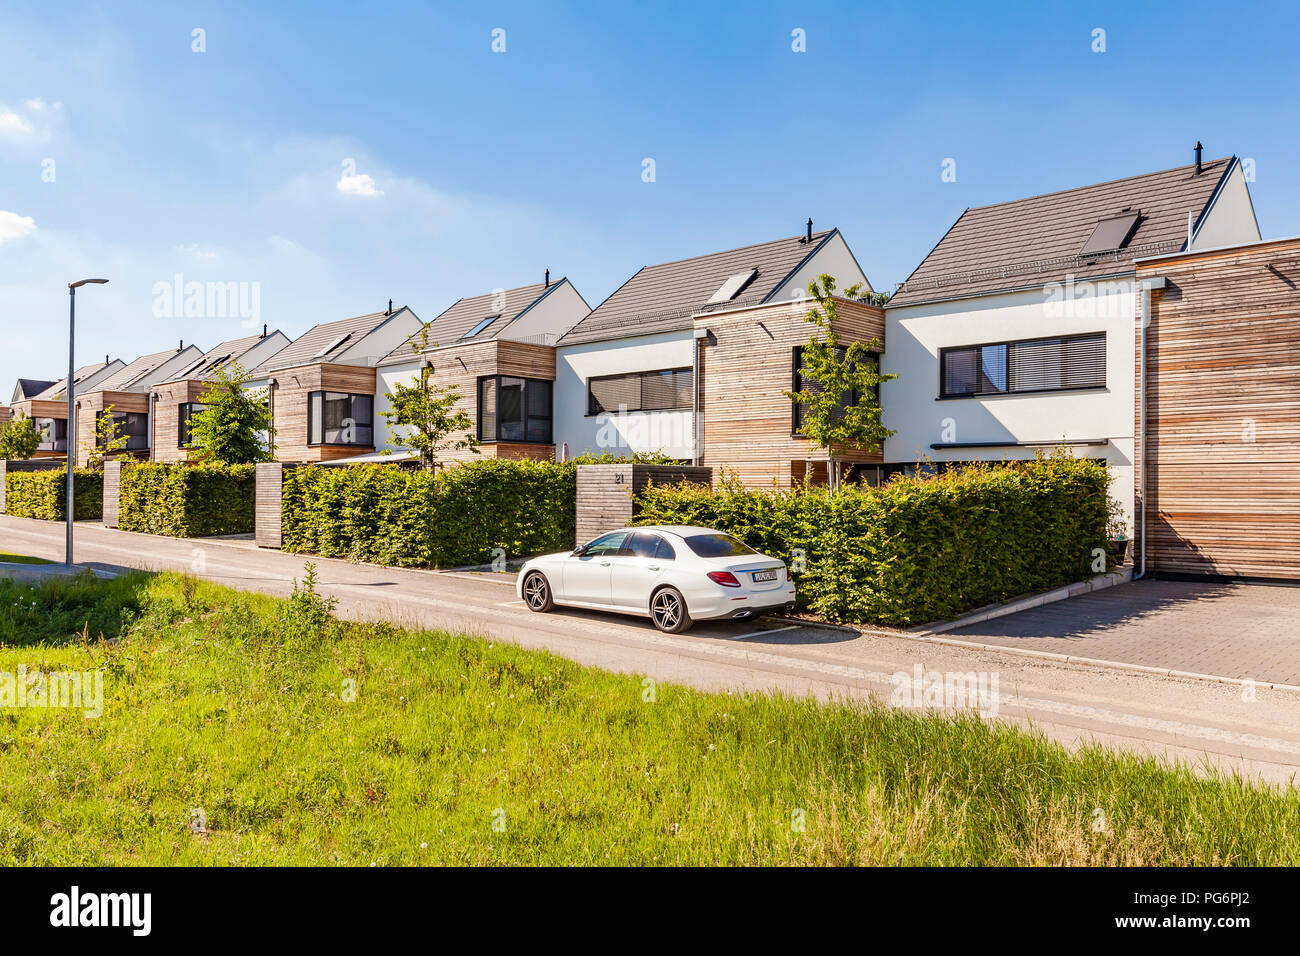 Deutschland, Baden-Württemberg, Stuttgart, Ostfildern, moderne Effizienz Häuser Stockbild